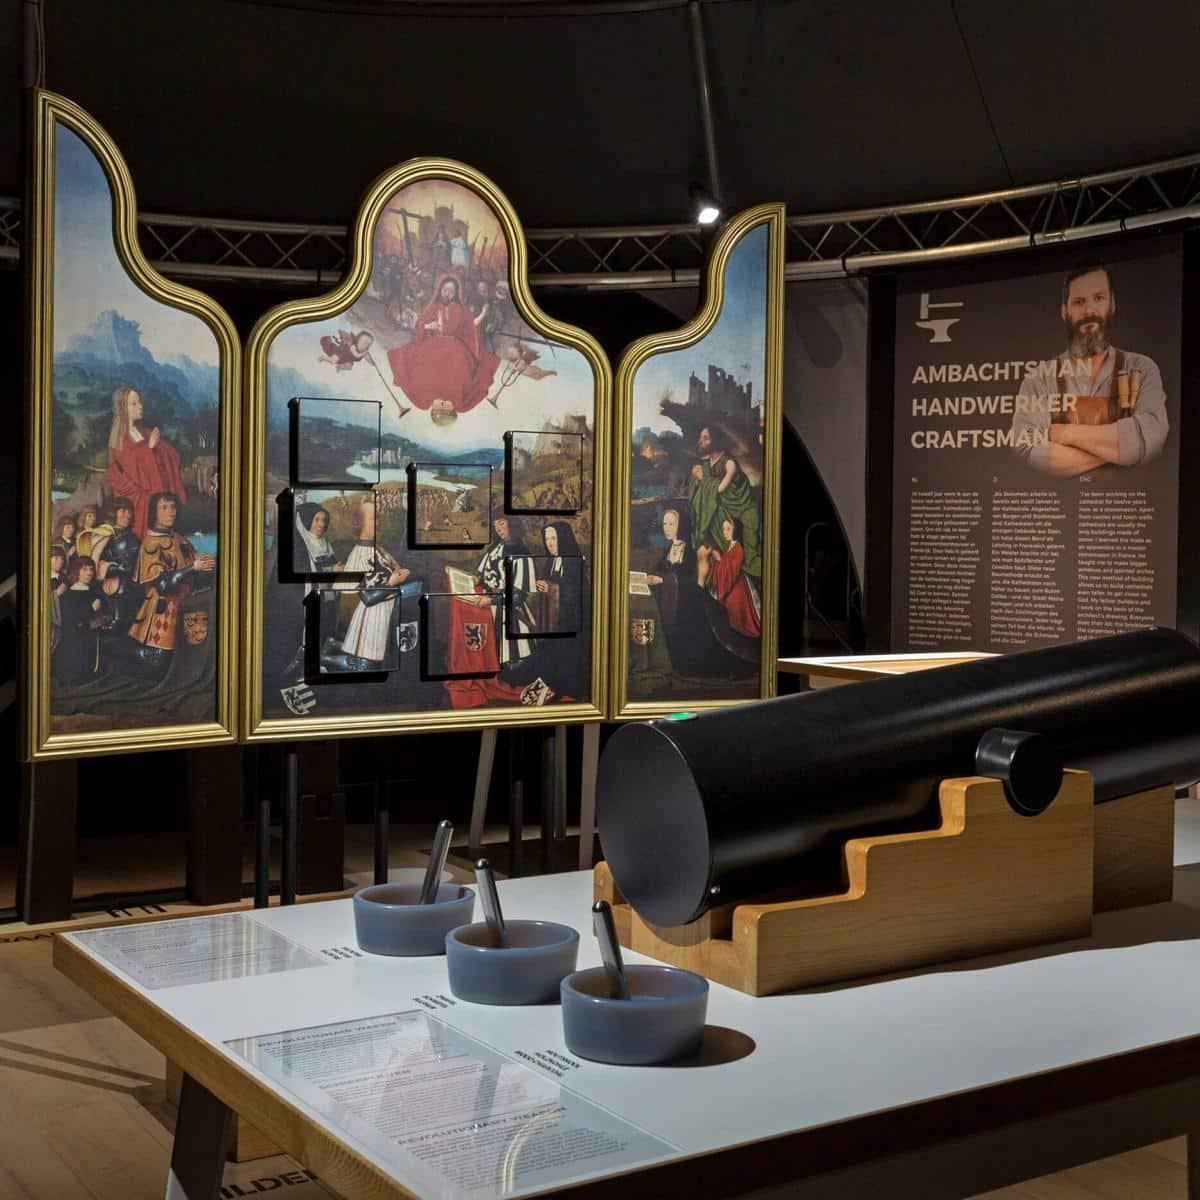 style hannover landesmuseum weltenmuseum ausstellung RitterBurgen 3 - Landesmuseum - Ritter und Burgen - bis zum 20. Februar 2021